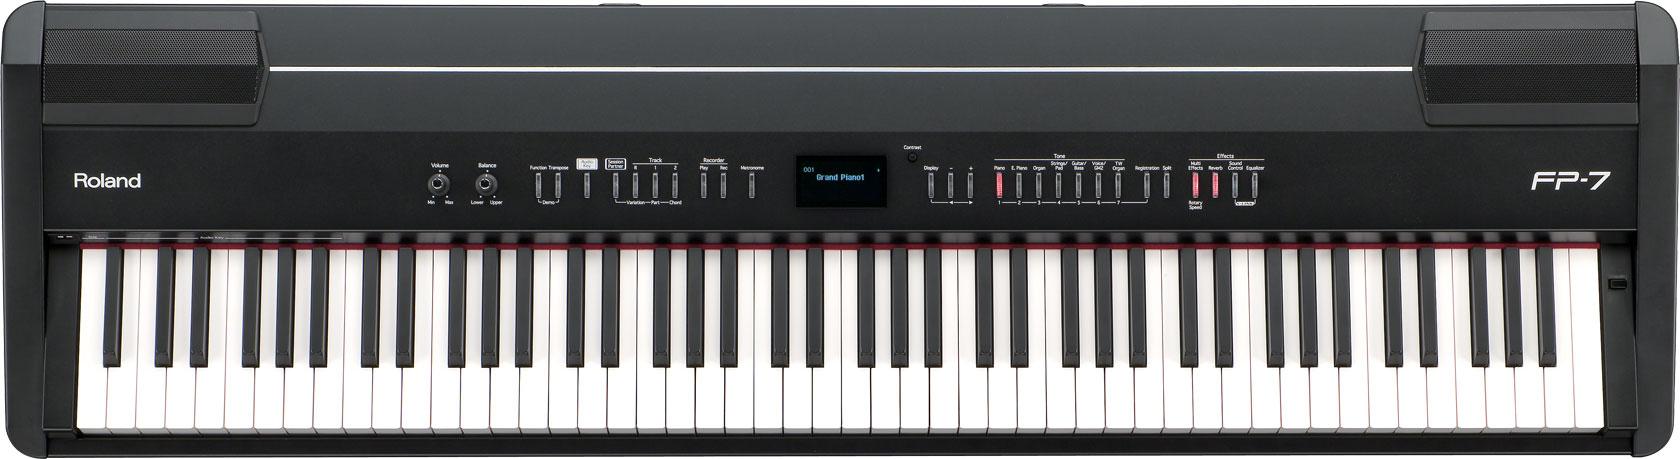 roland fp 7 digital portable piano rh roland com FP- 7F Digital Piano Roland FP 7